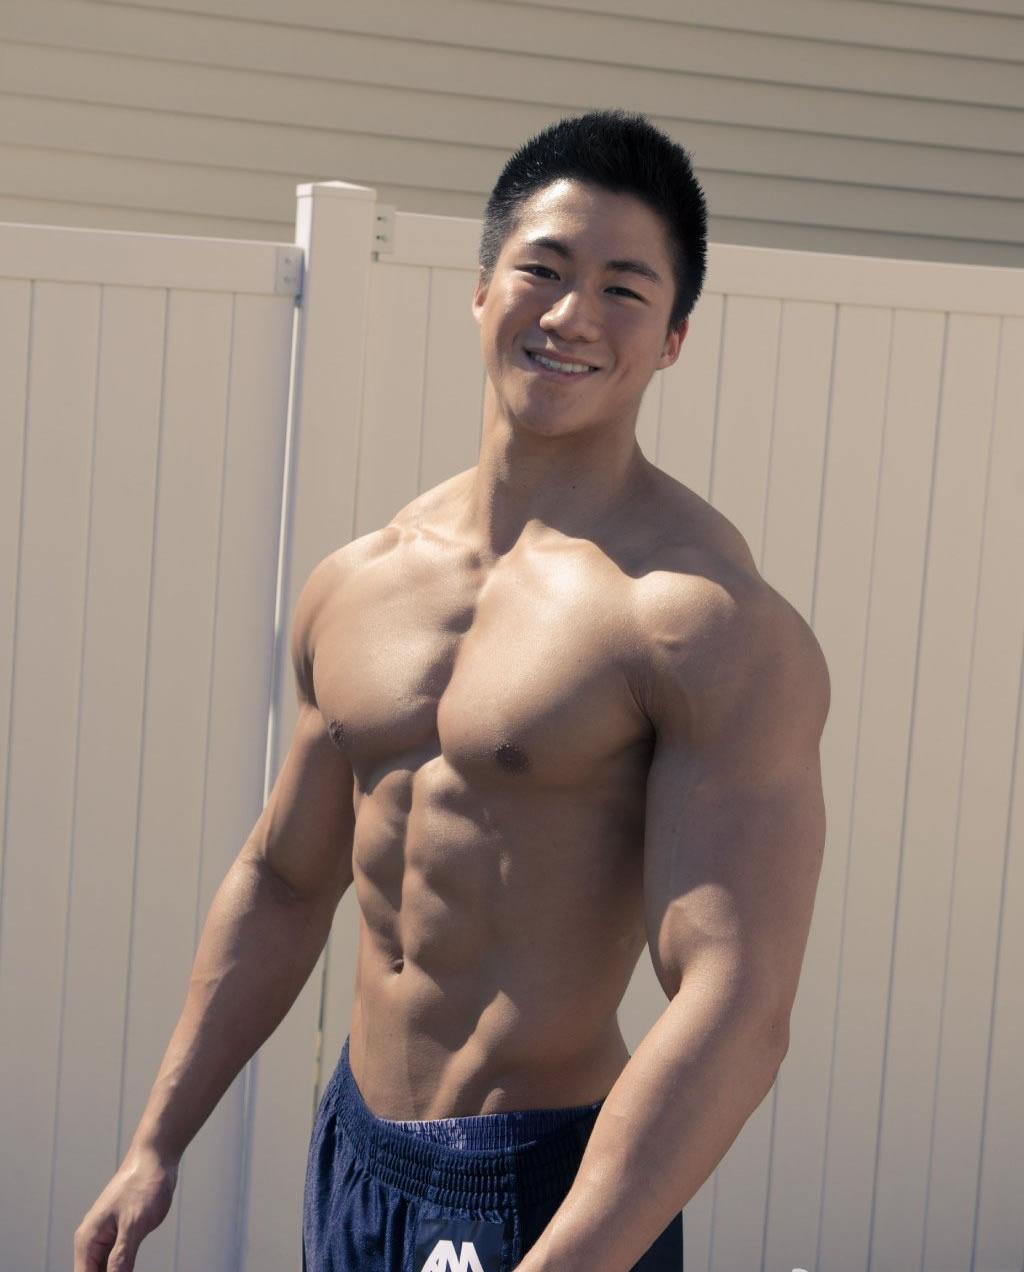 性感迷人的肌肉帅哥裸露洗澡图片